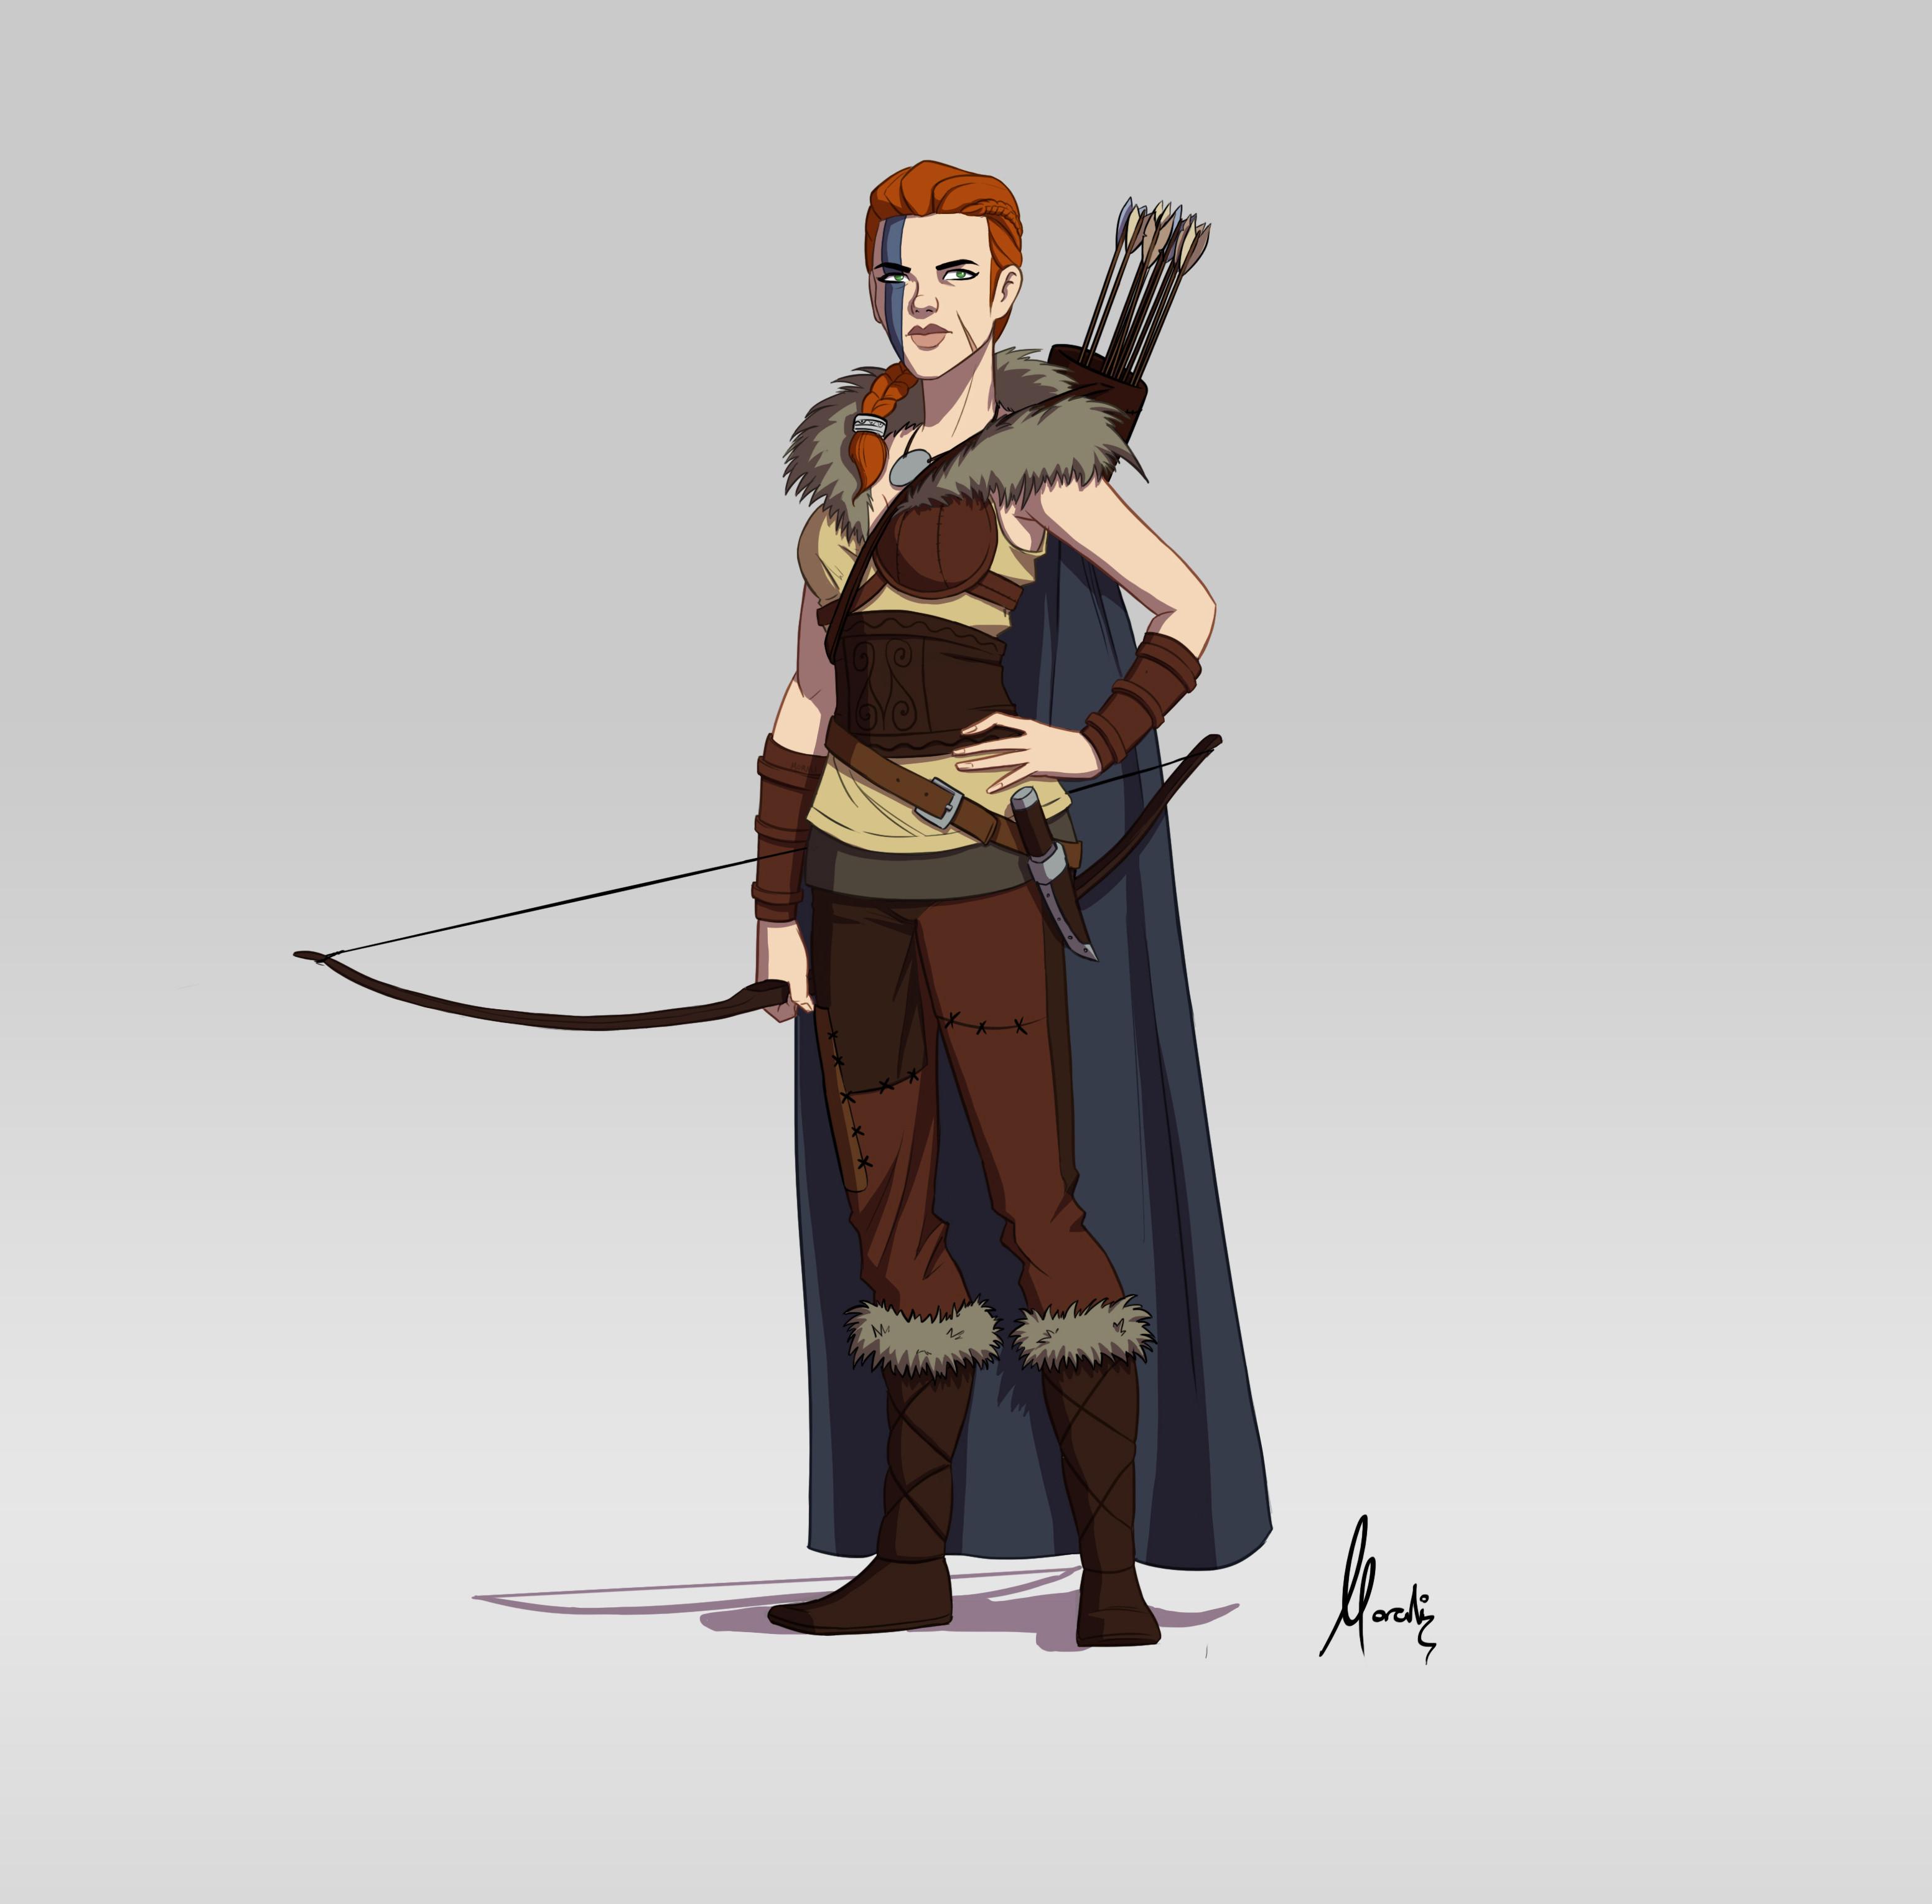 Runa: The archer